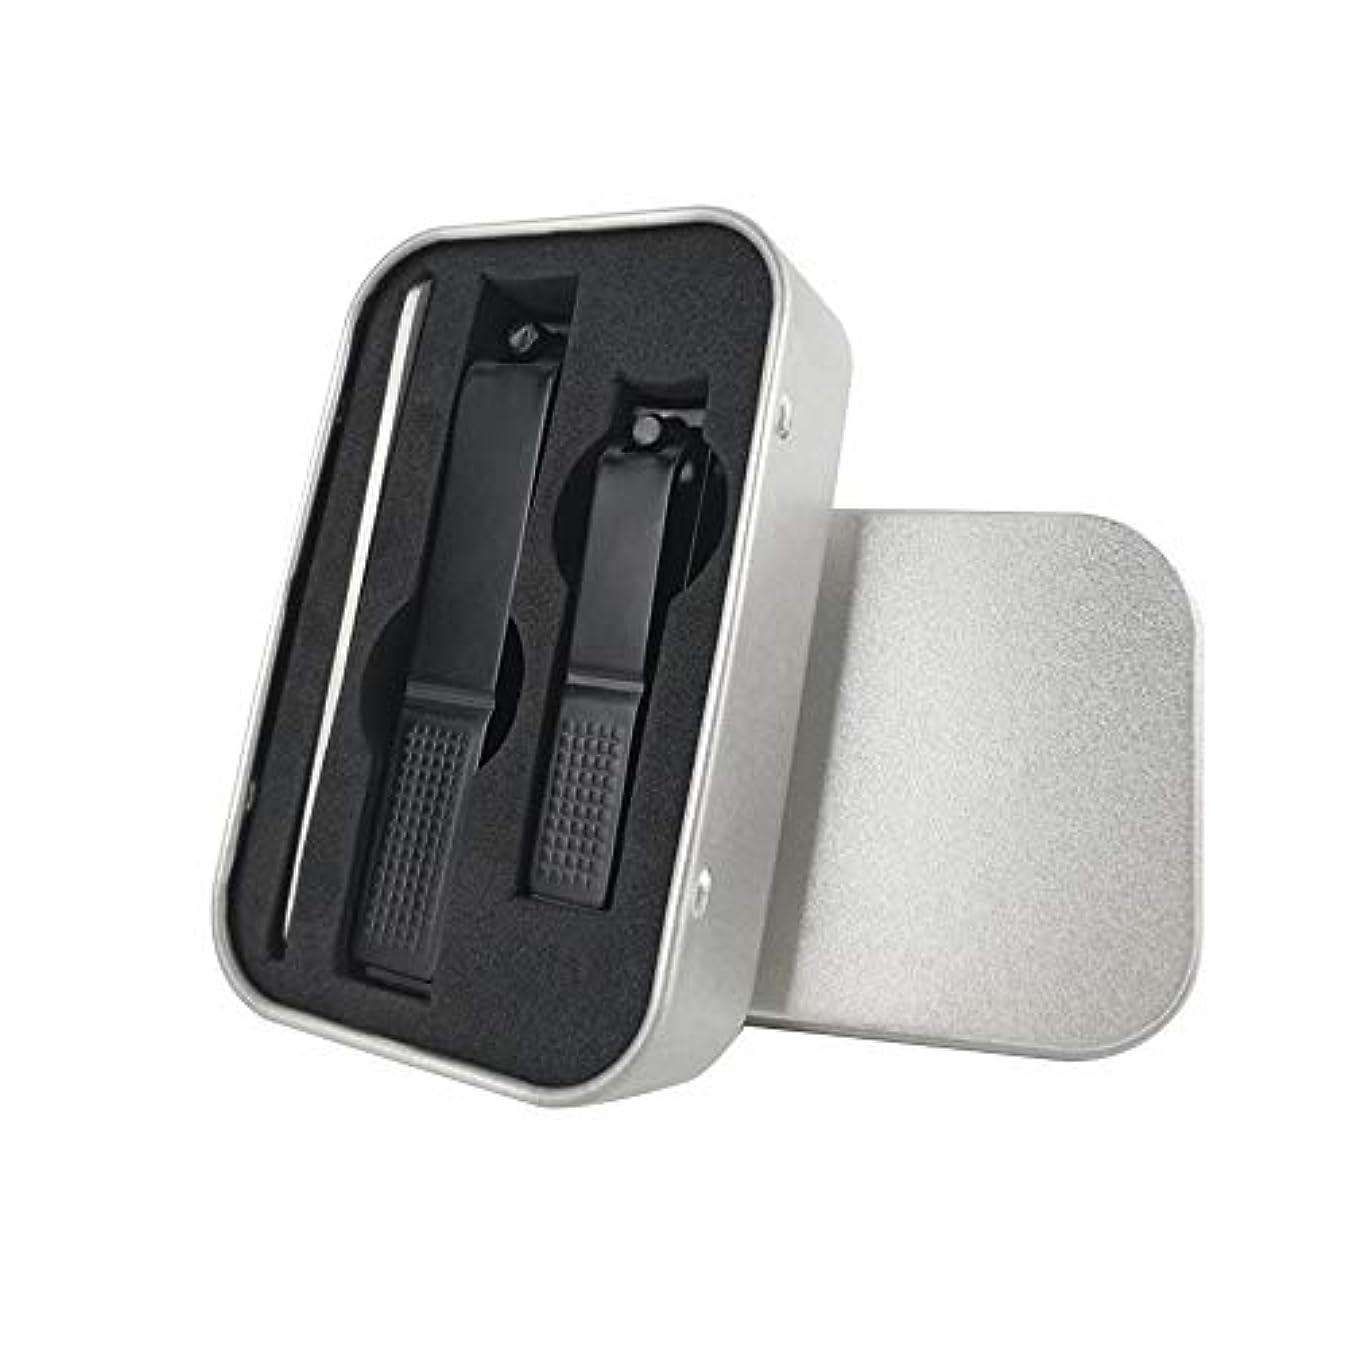 接ぎ木仮装デュアルRECOO 爪切り 爪やすり 携帯用3本セット つめきり ネイルケア 高級はがね 握りやすい爪切り 専用収納ケース入り 曲線刃 (大/小爪切り)